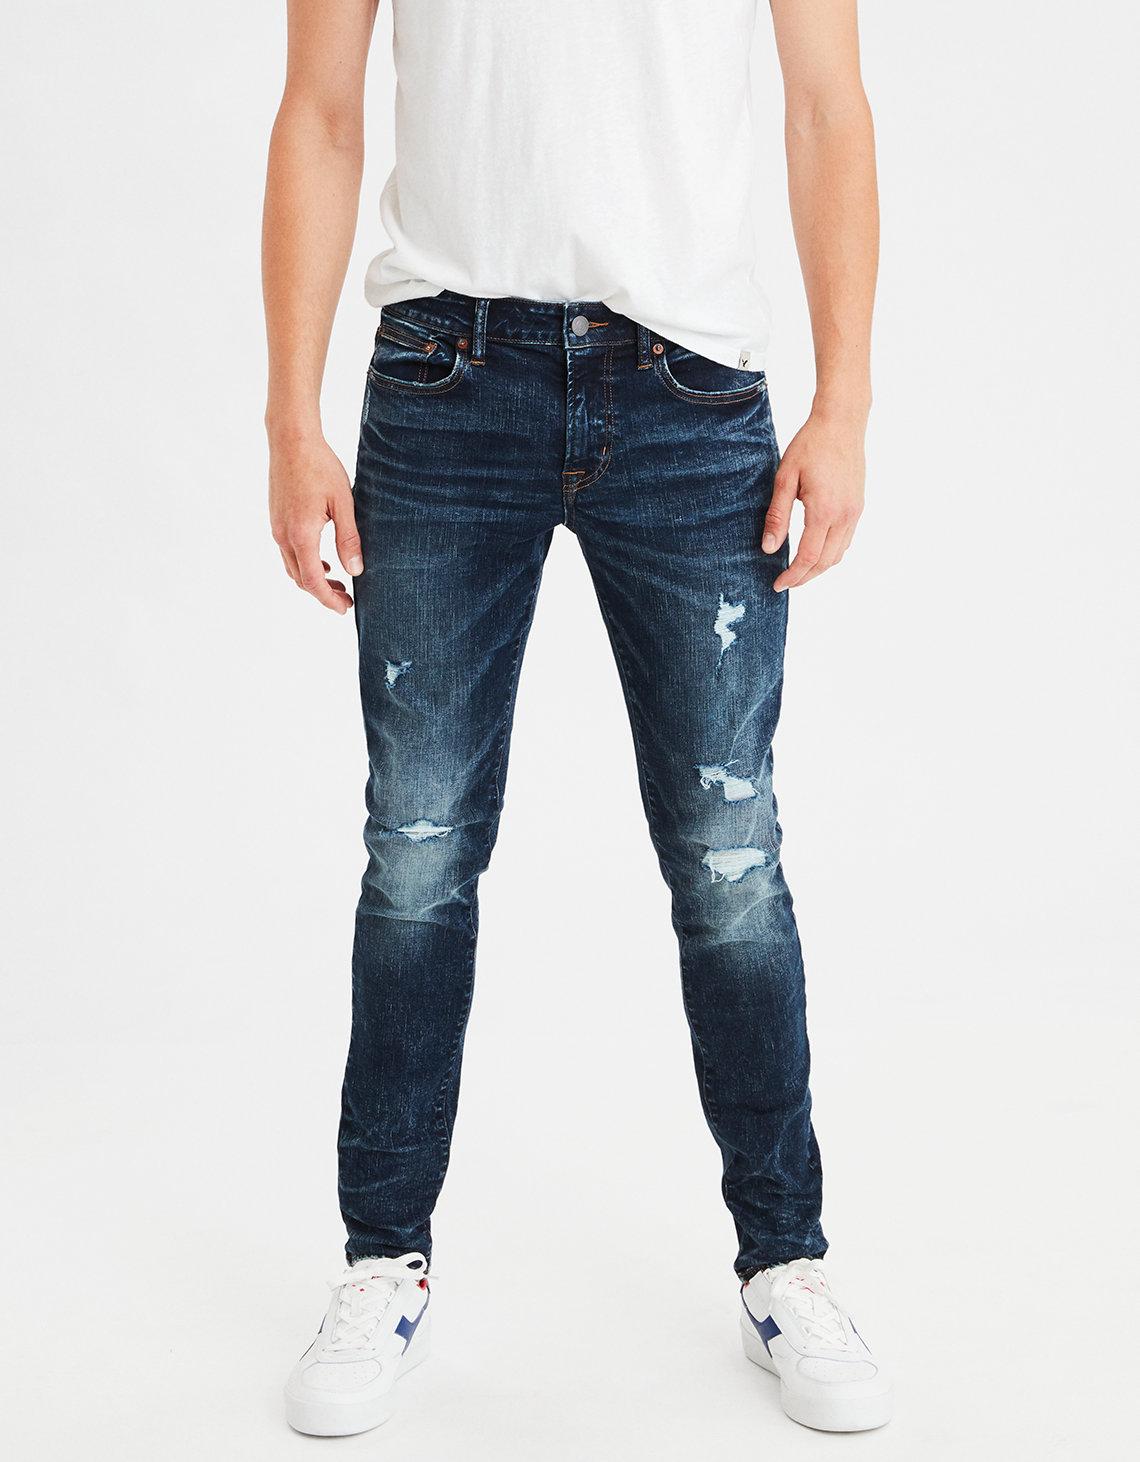 d95f03bc2d4 AE Ne(X)t Level Skinny Jean